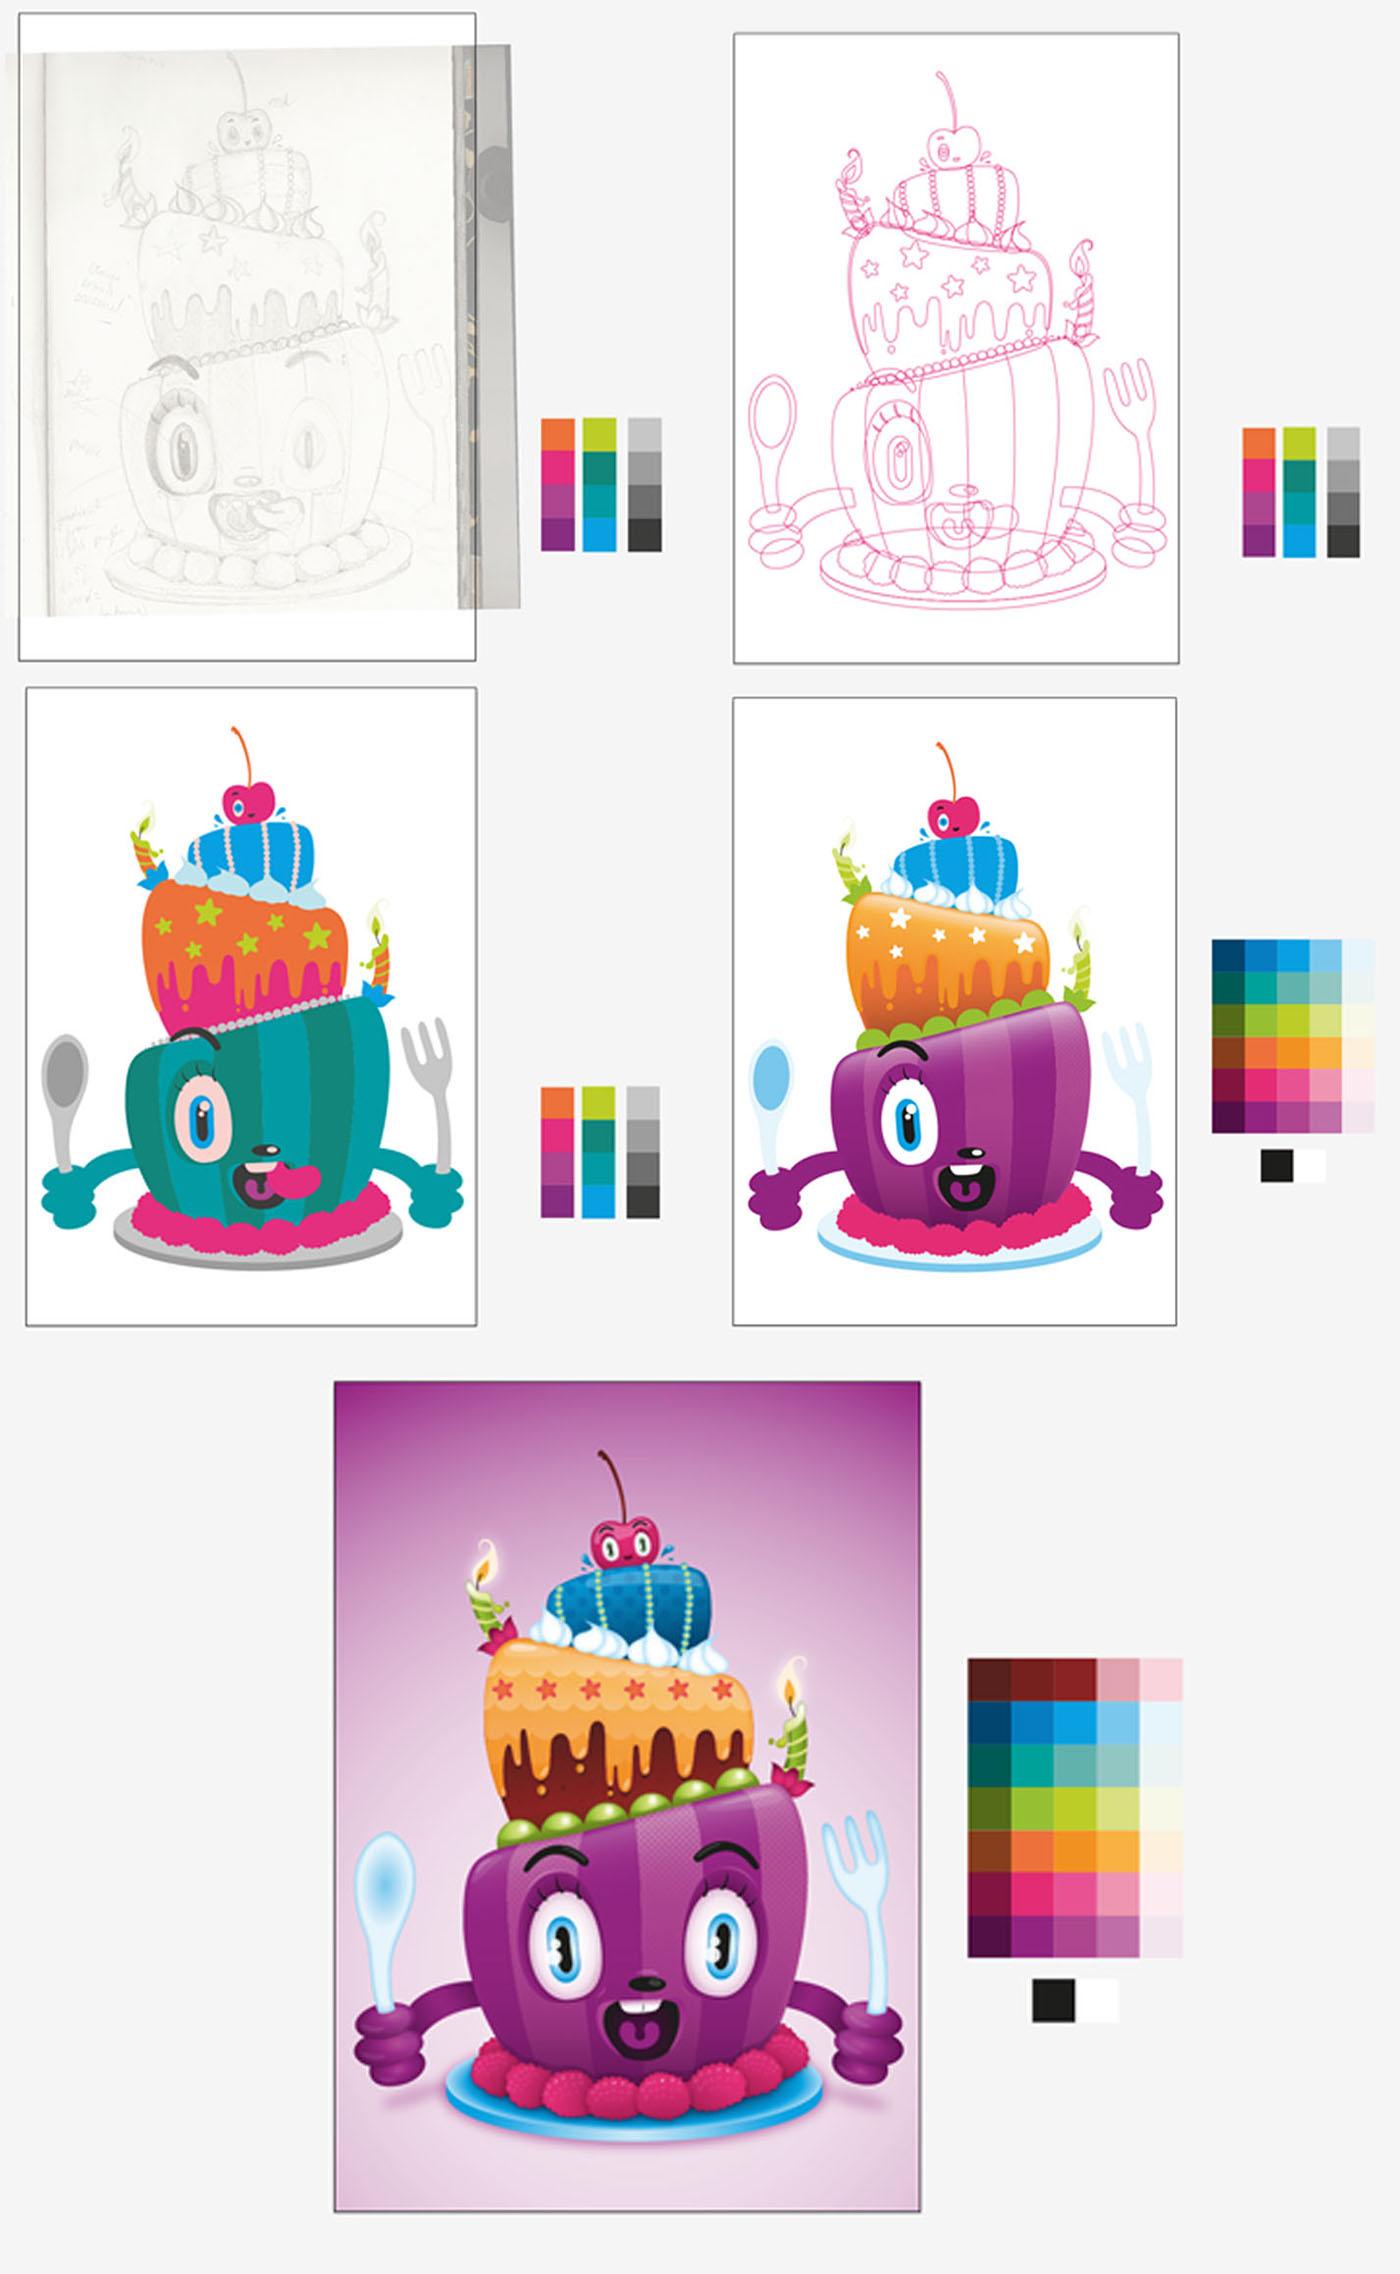 有創意感的19套生日蛋糕圖案欣賞